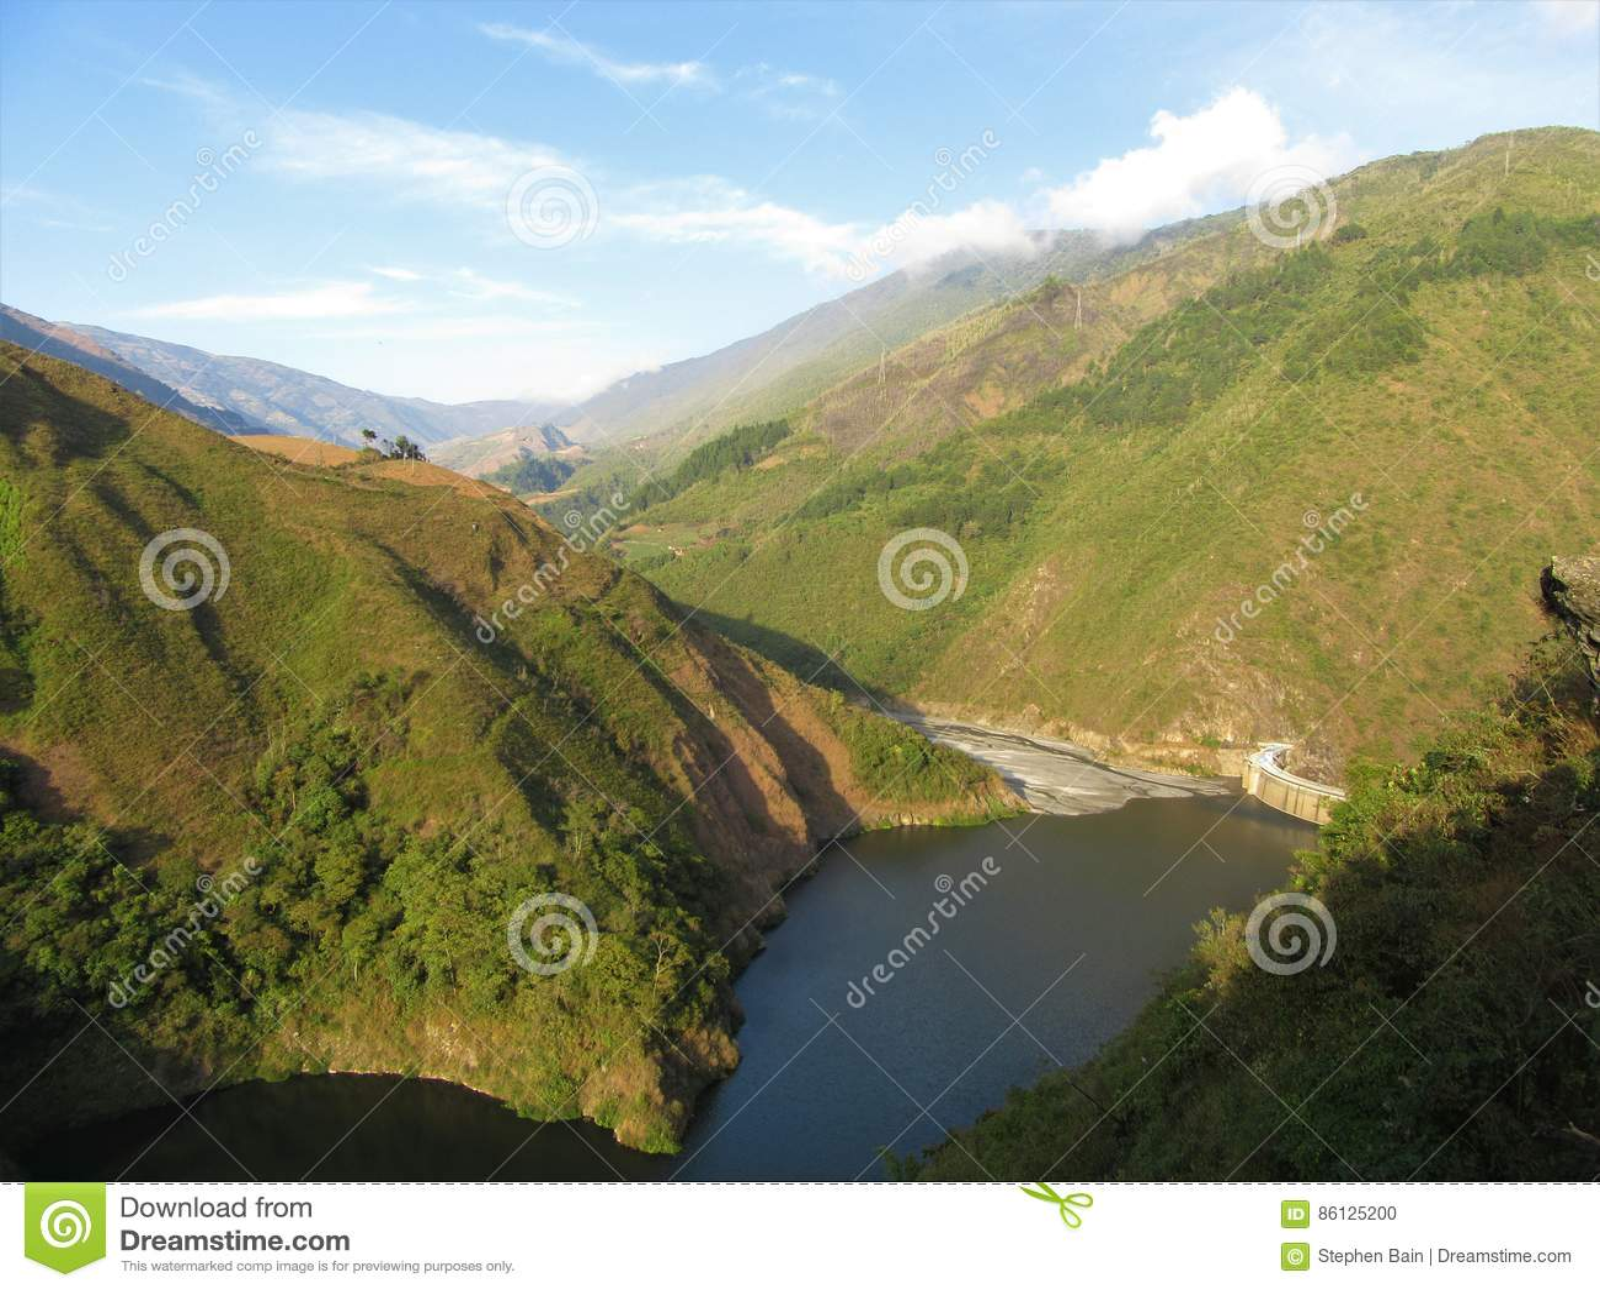 Fördämning och behållare på den Santo Domingo floden i de Anderna bergen av Venezuela